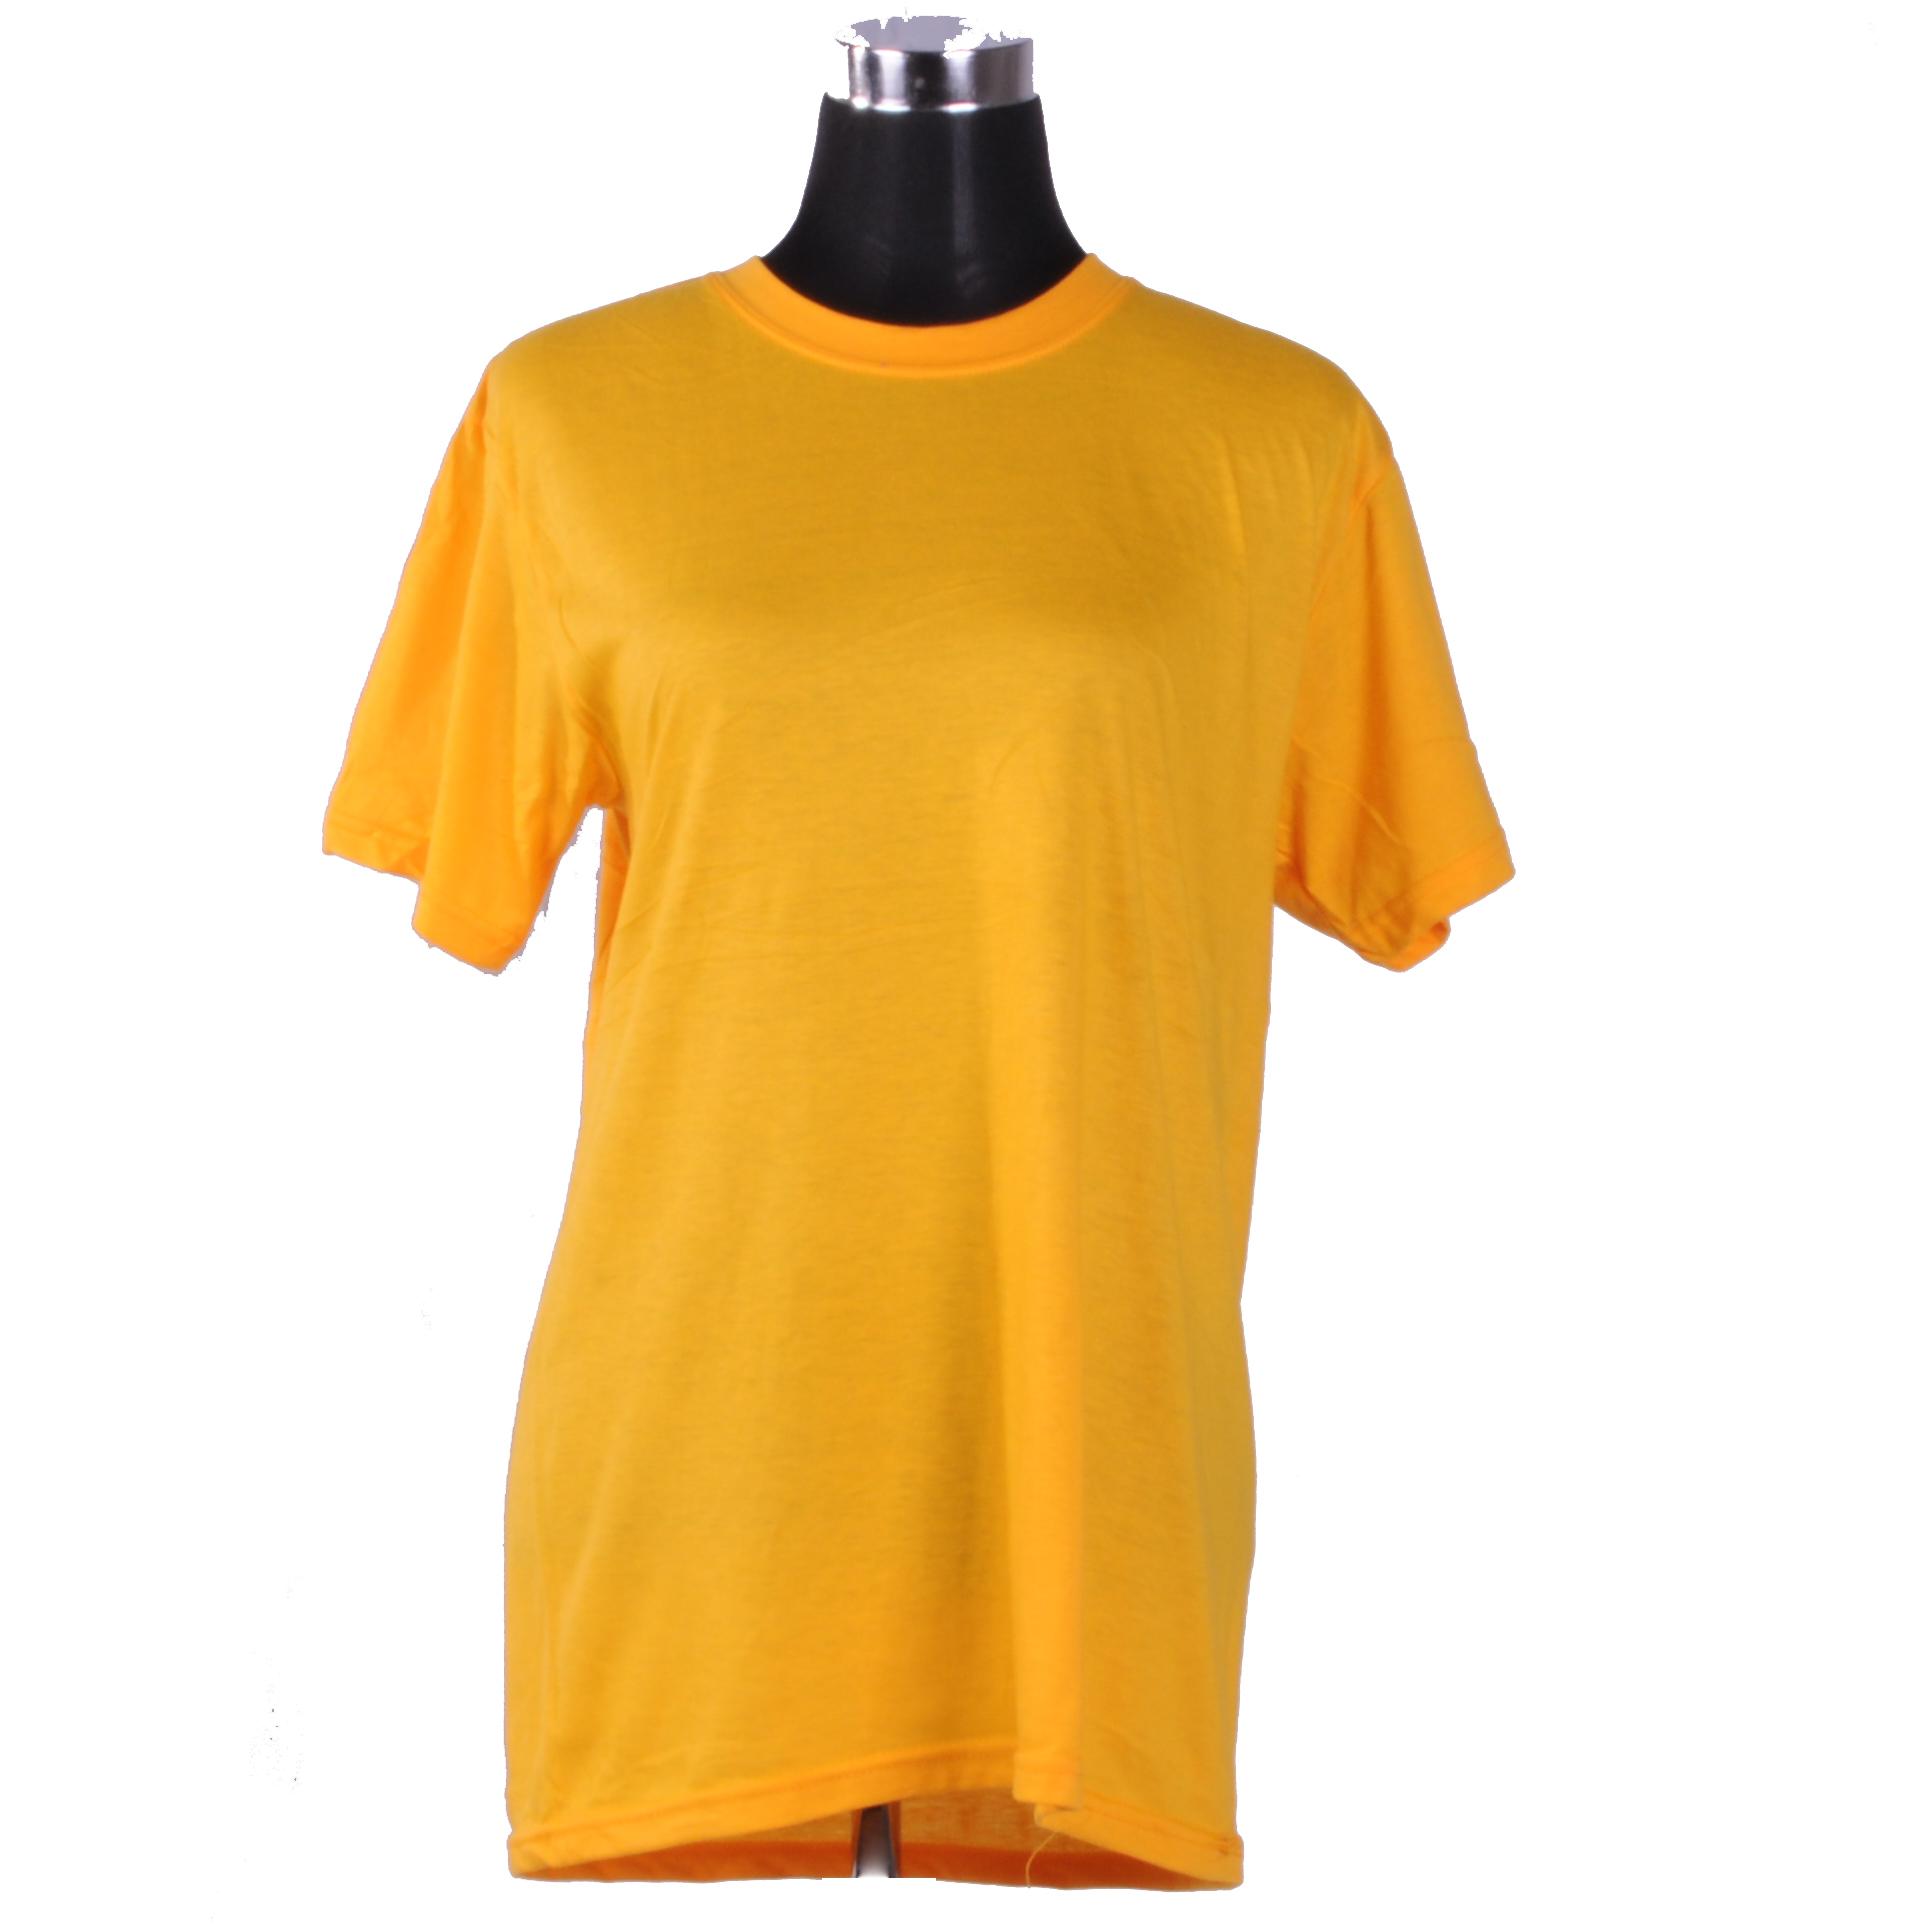 women 39 s regular t shirt sku tc1601148w bulkdeal